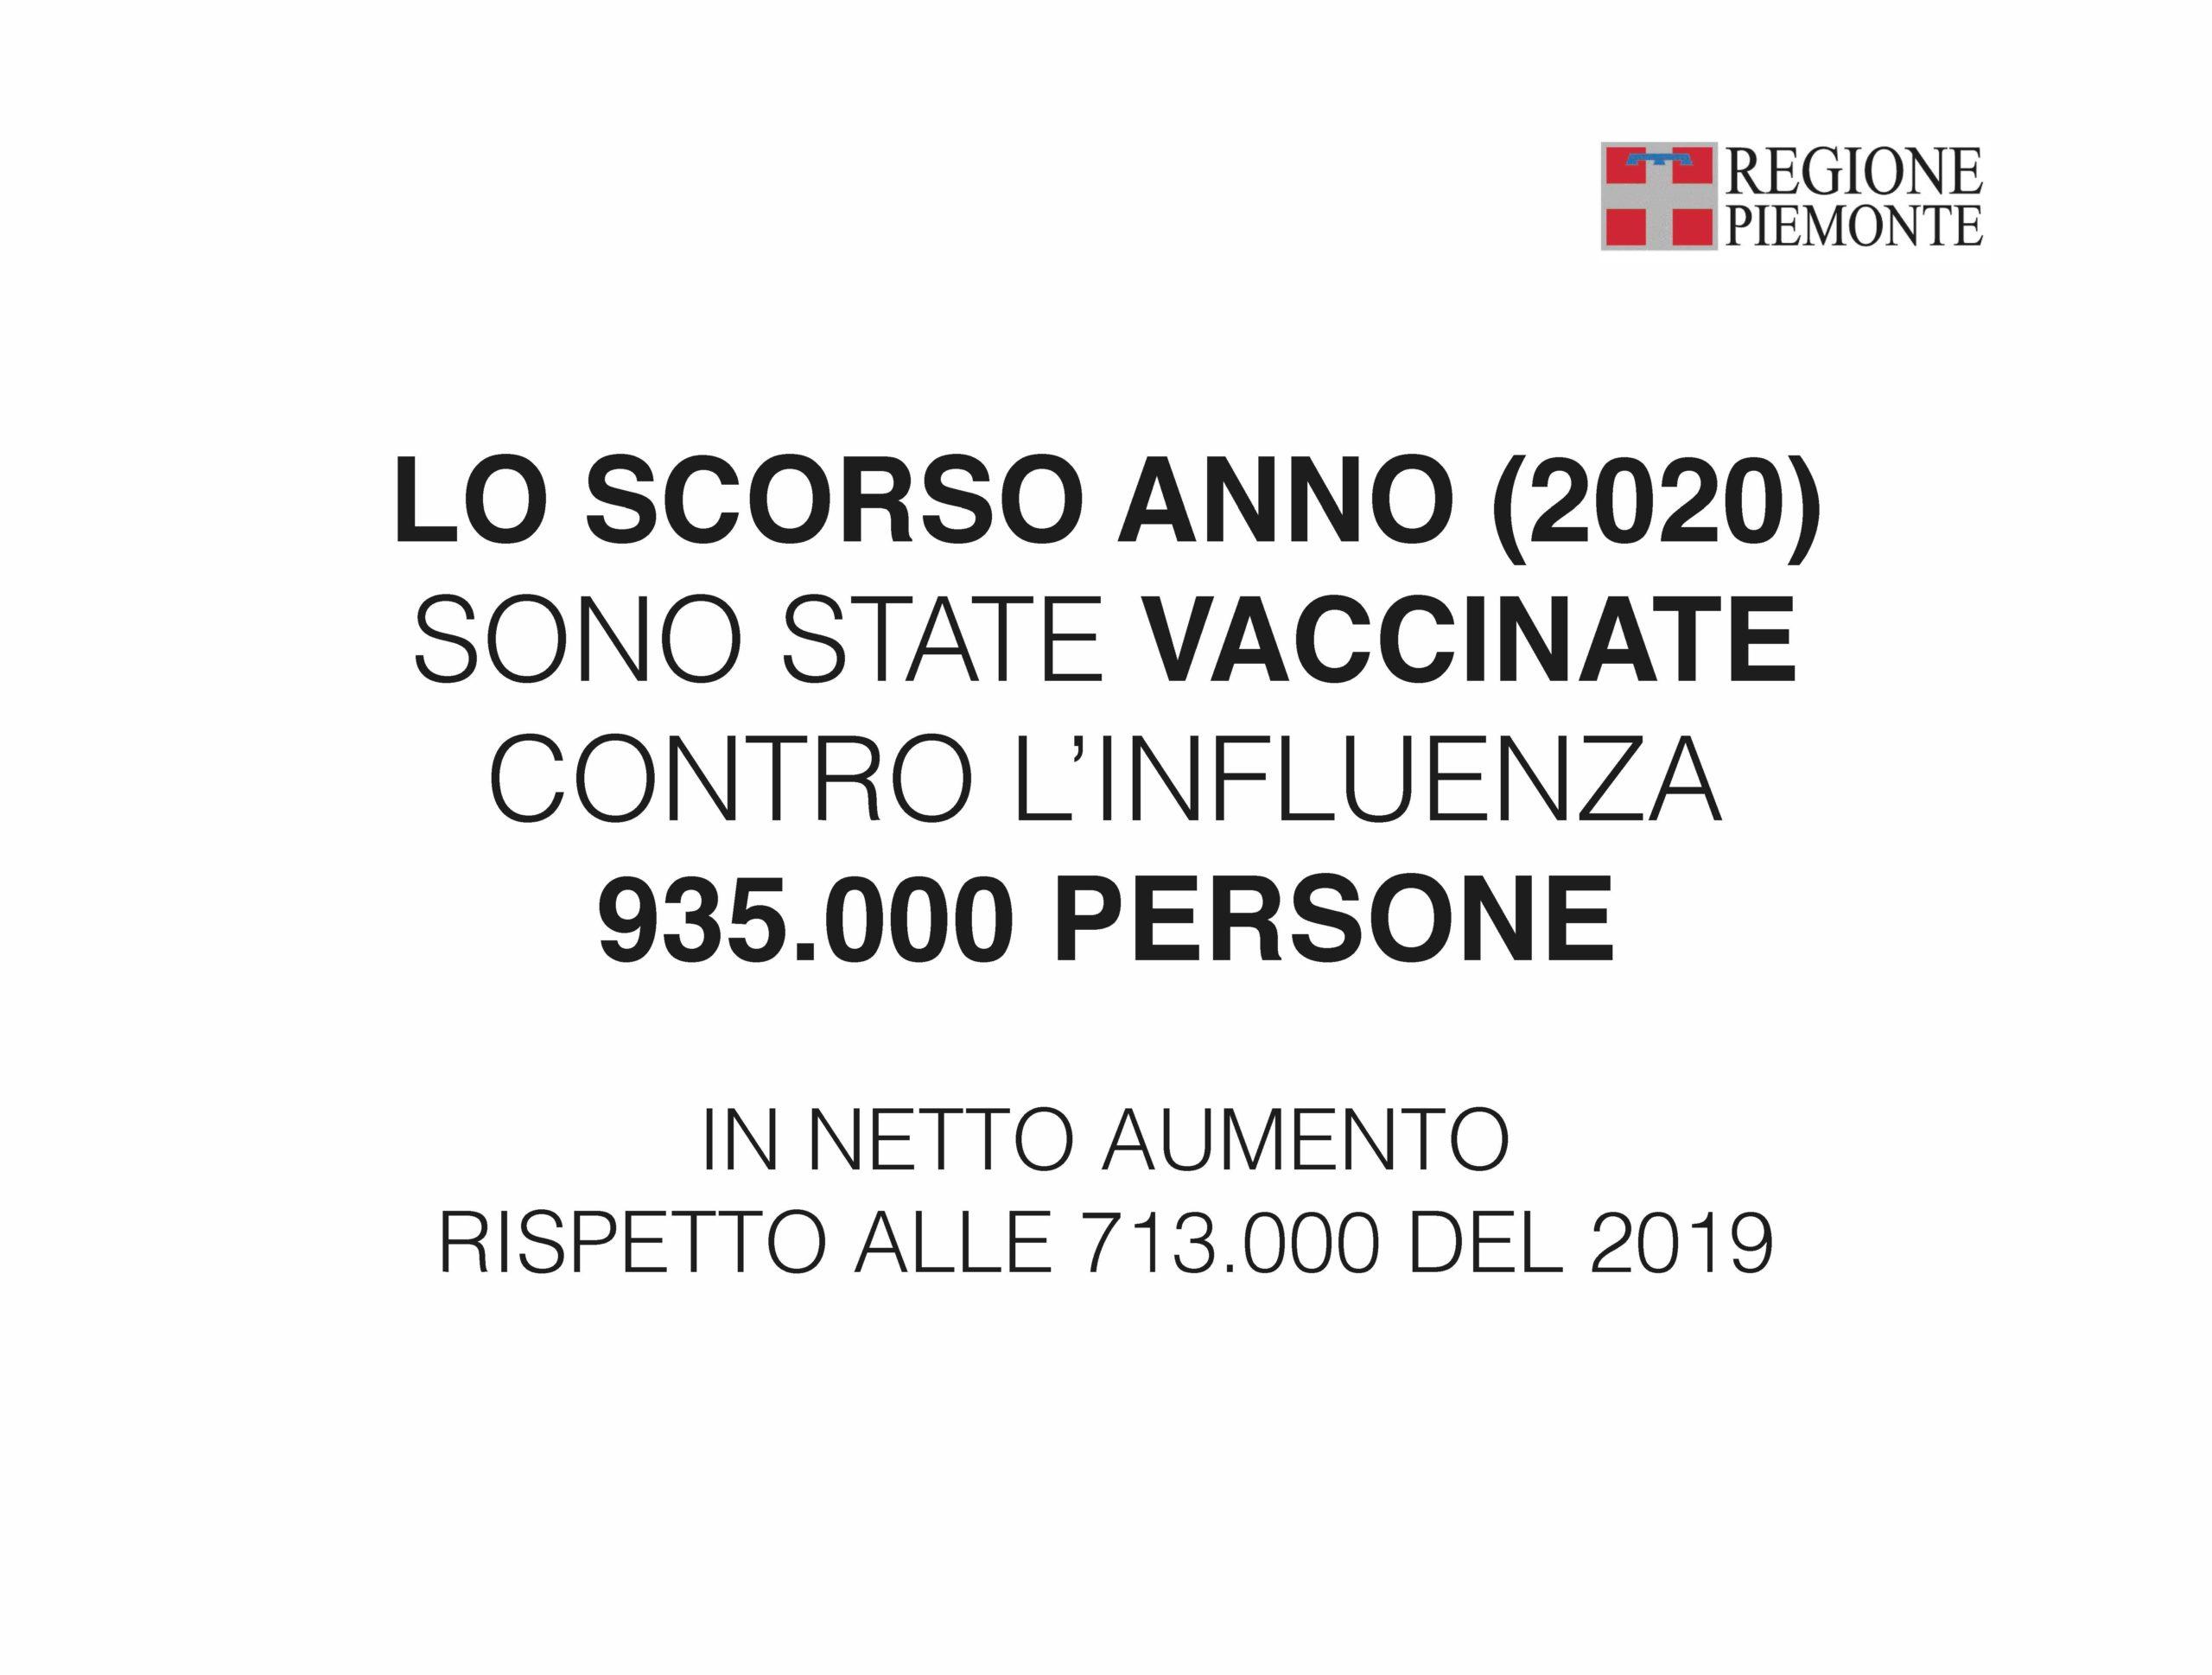 Influenza, da domani possono vaccinarsi gli anziani dal proprio medico